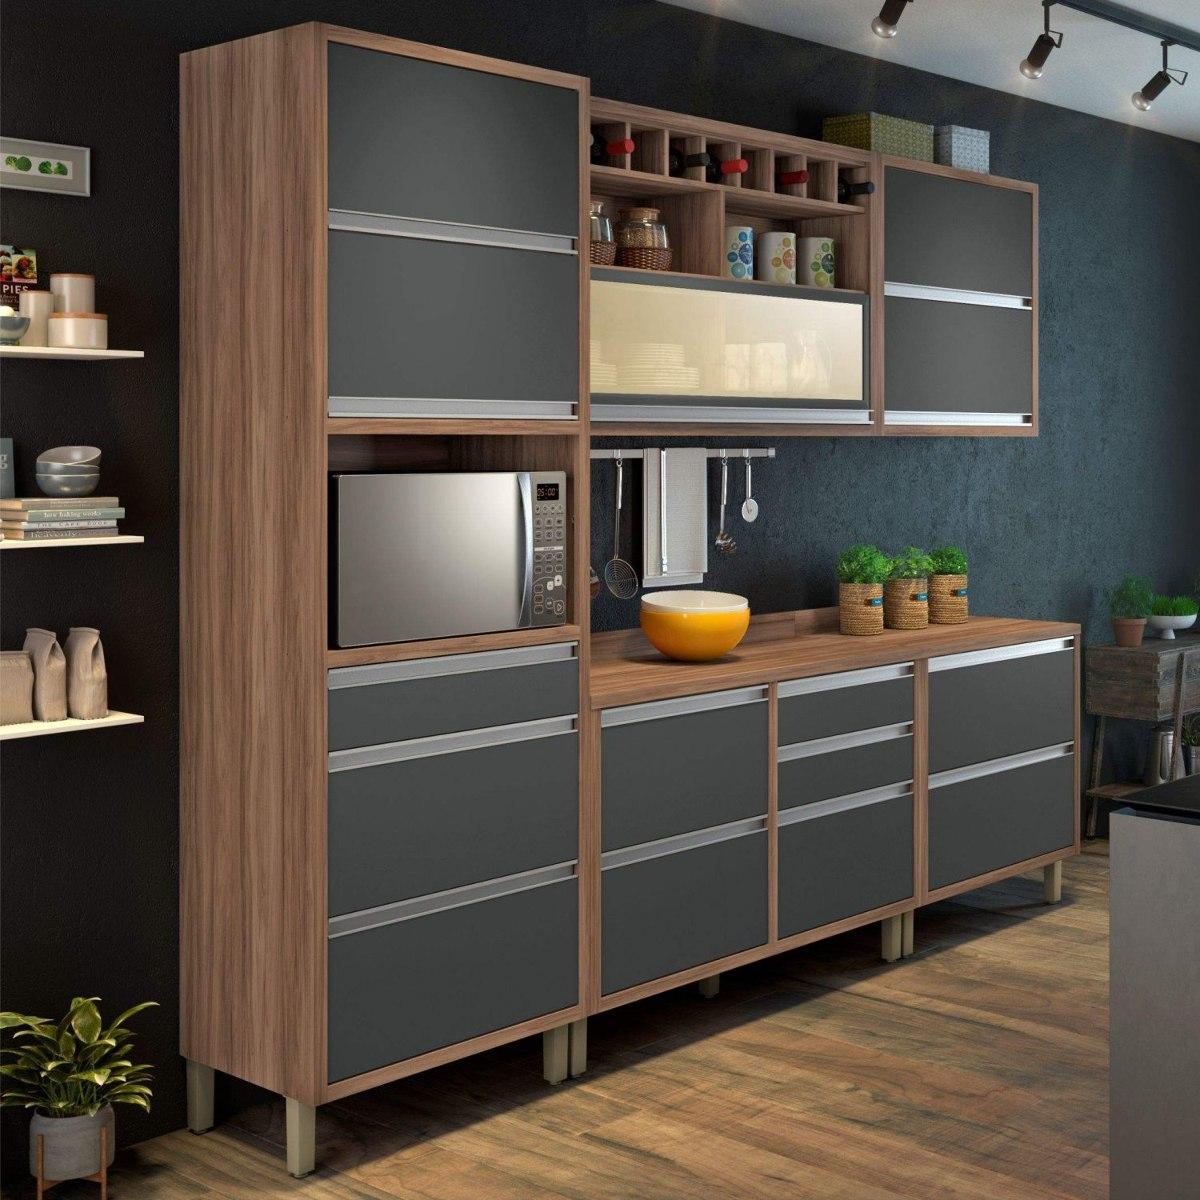 Cozinha Completa Com Balc O 5 Pe As Baronesa Nesher Bc R 2 199 90